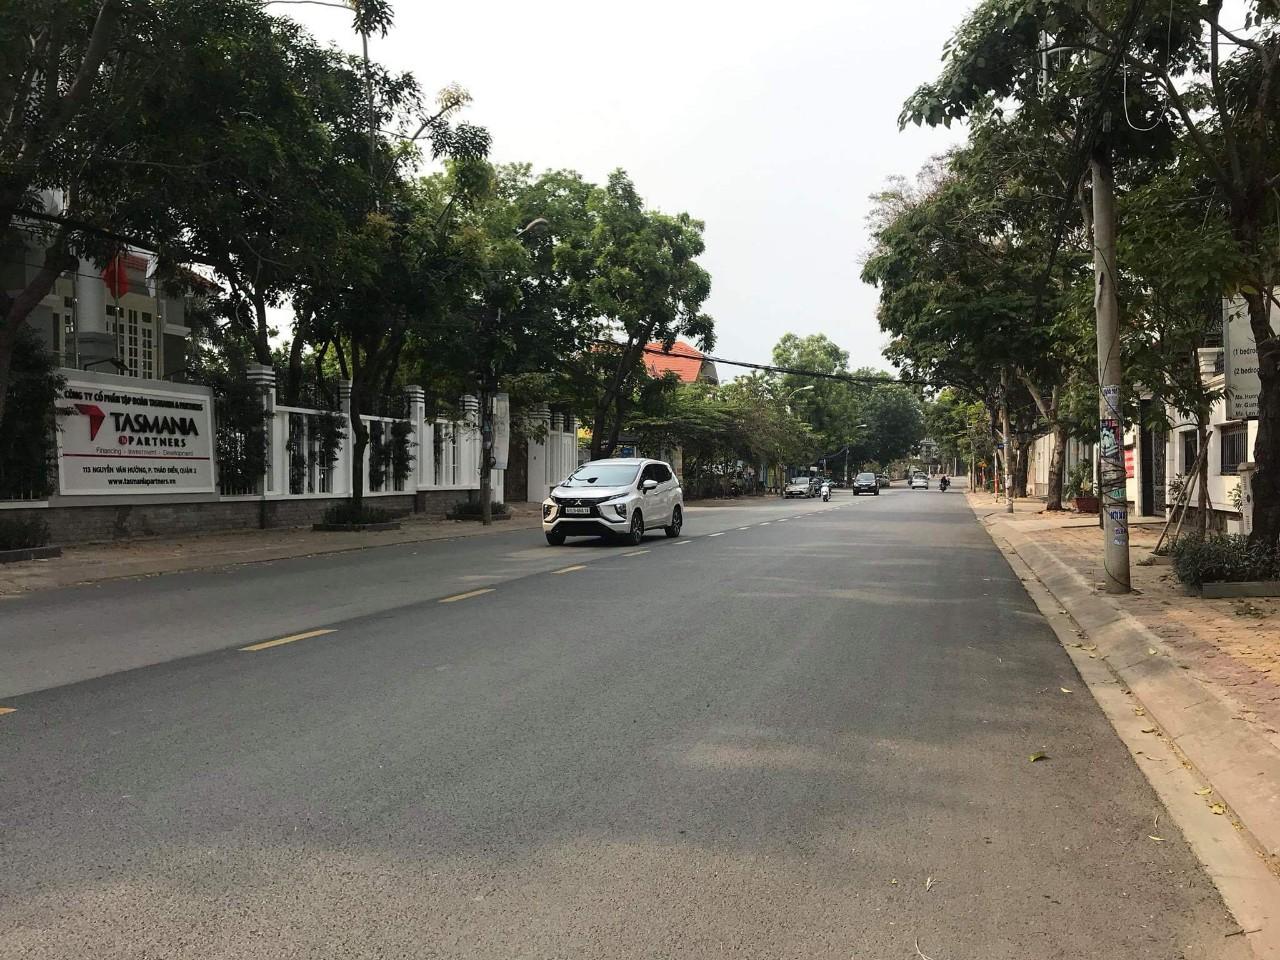 Giá đất đường Nguyễn Văn Hưởng, TP Thủ Đức, TP HCM - Ảnh 2.